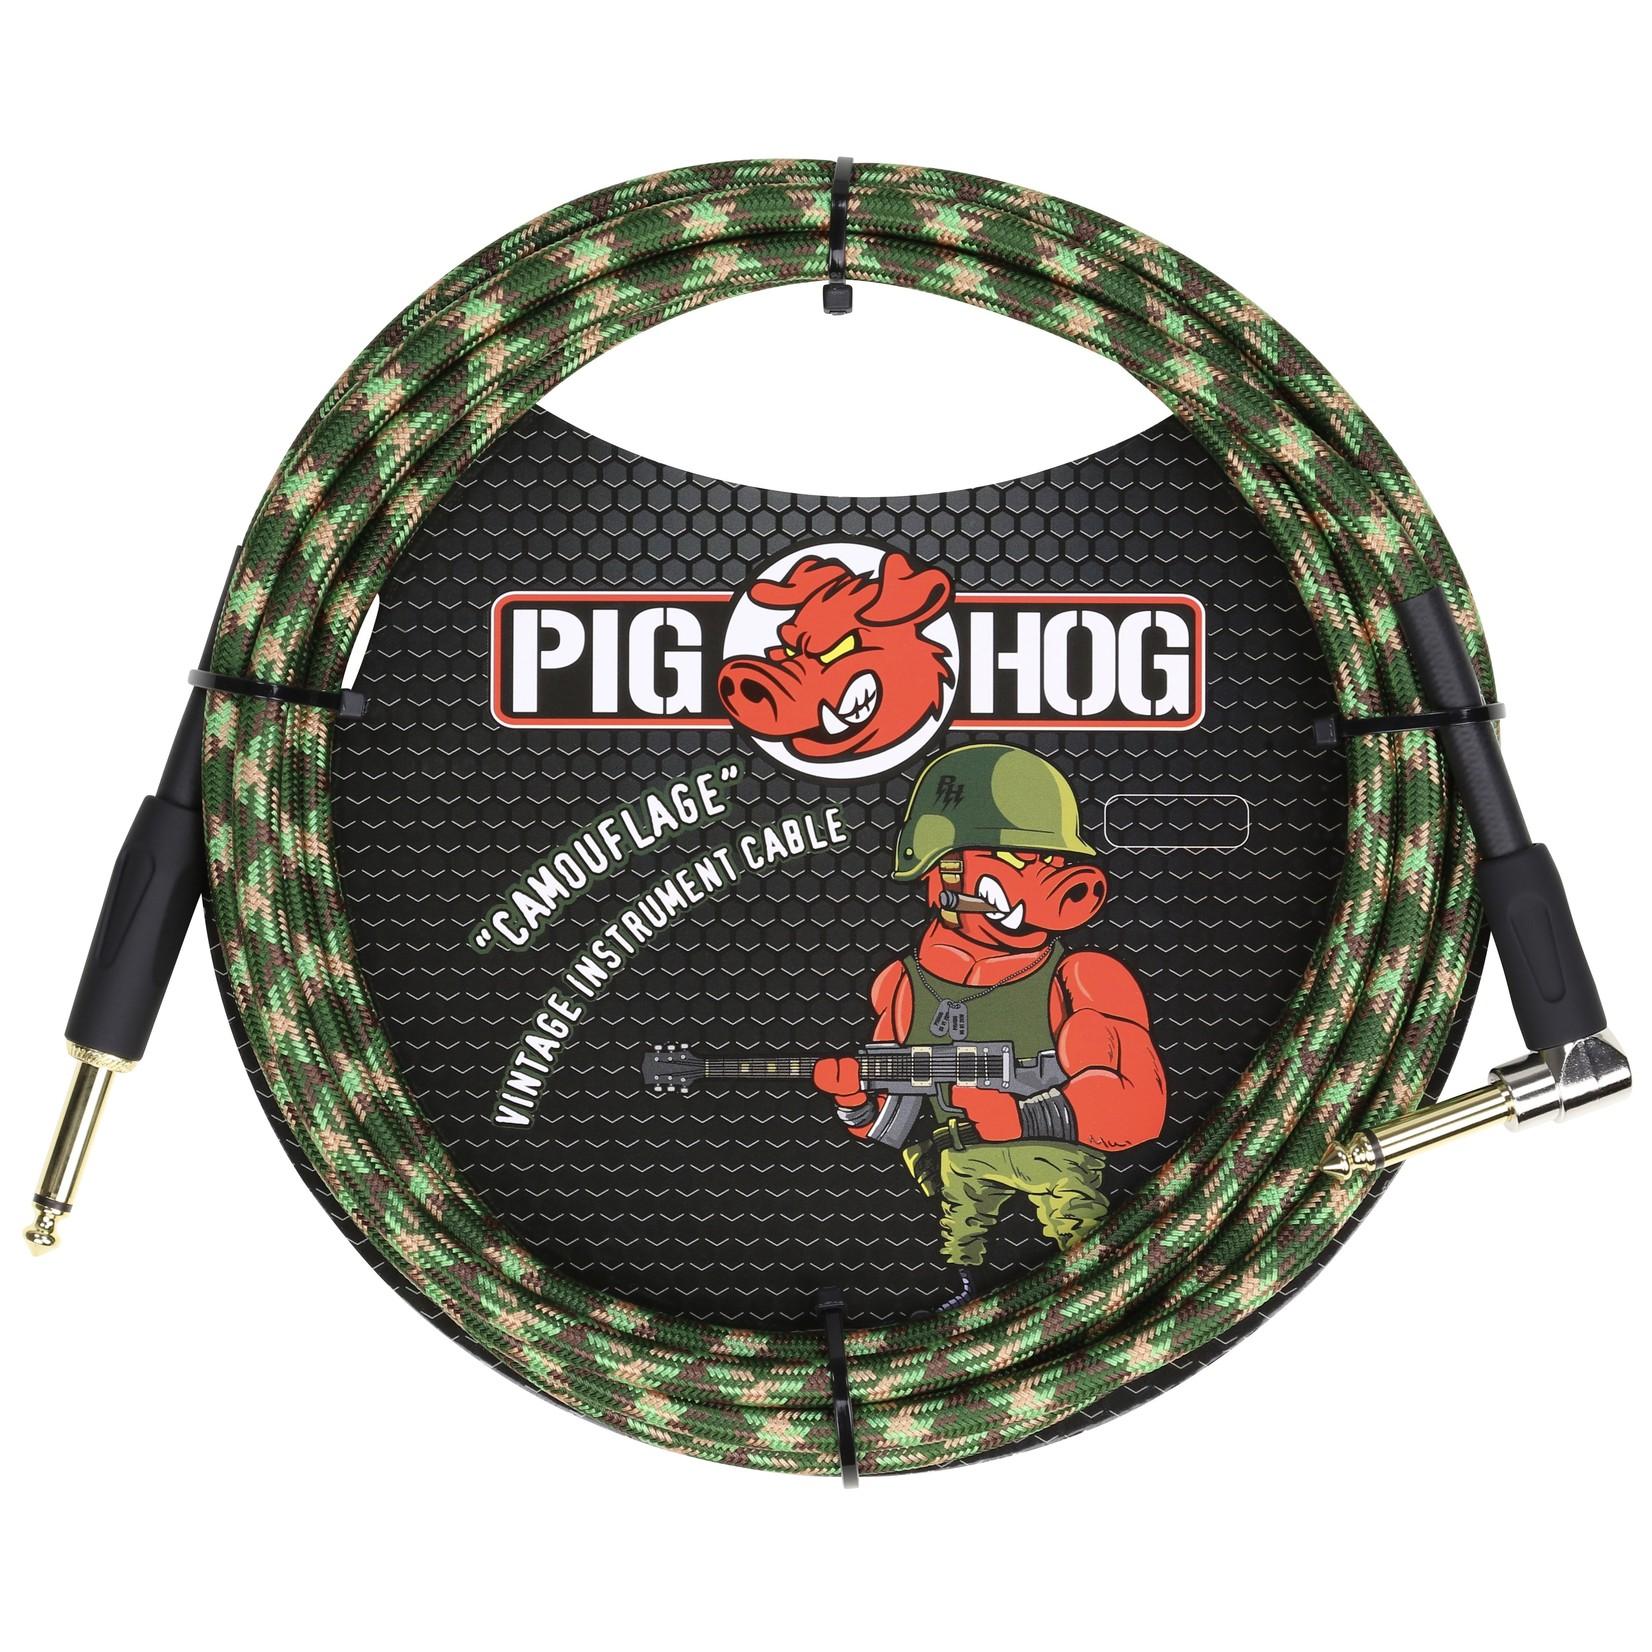 """Pig Hog Pig Hog """"Camouflage"""" Vintage Instrument Cable, 10ft Right Angle (PCH10CFR)"""